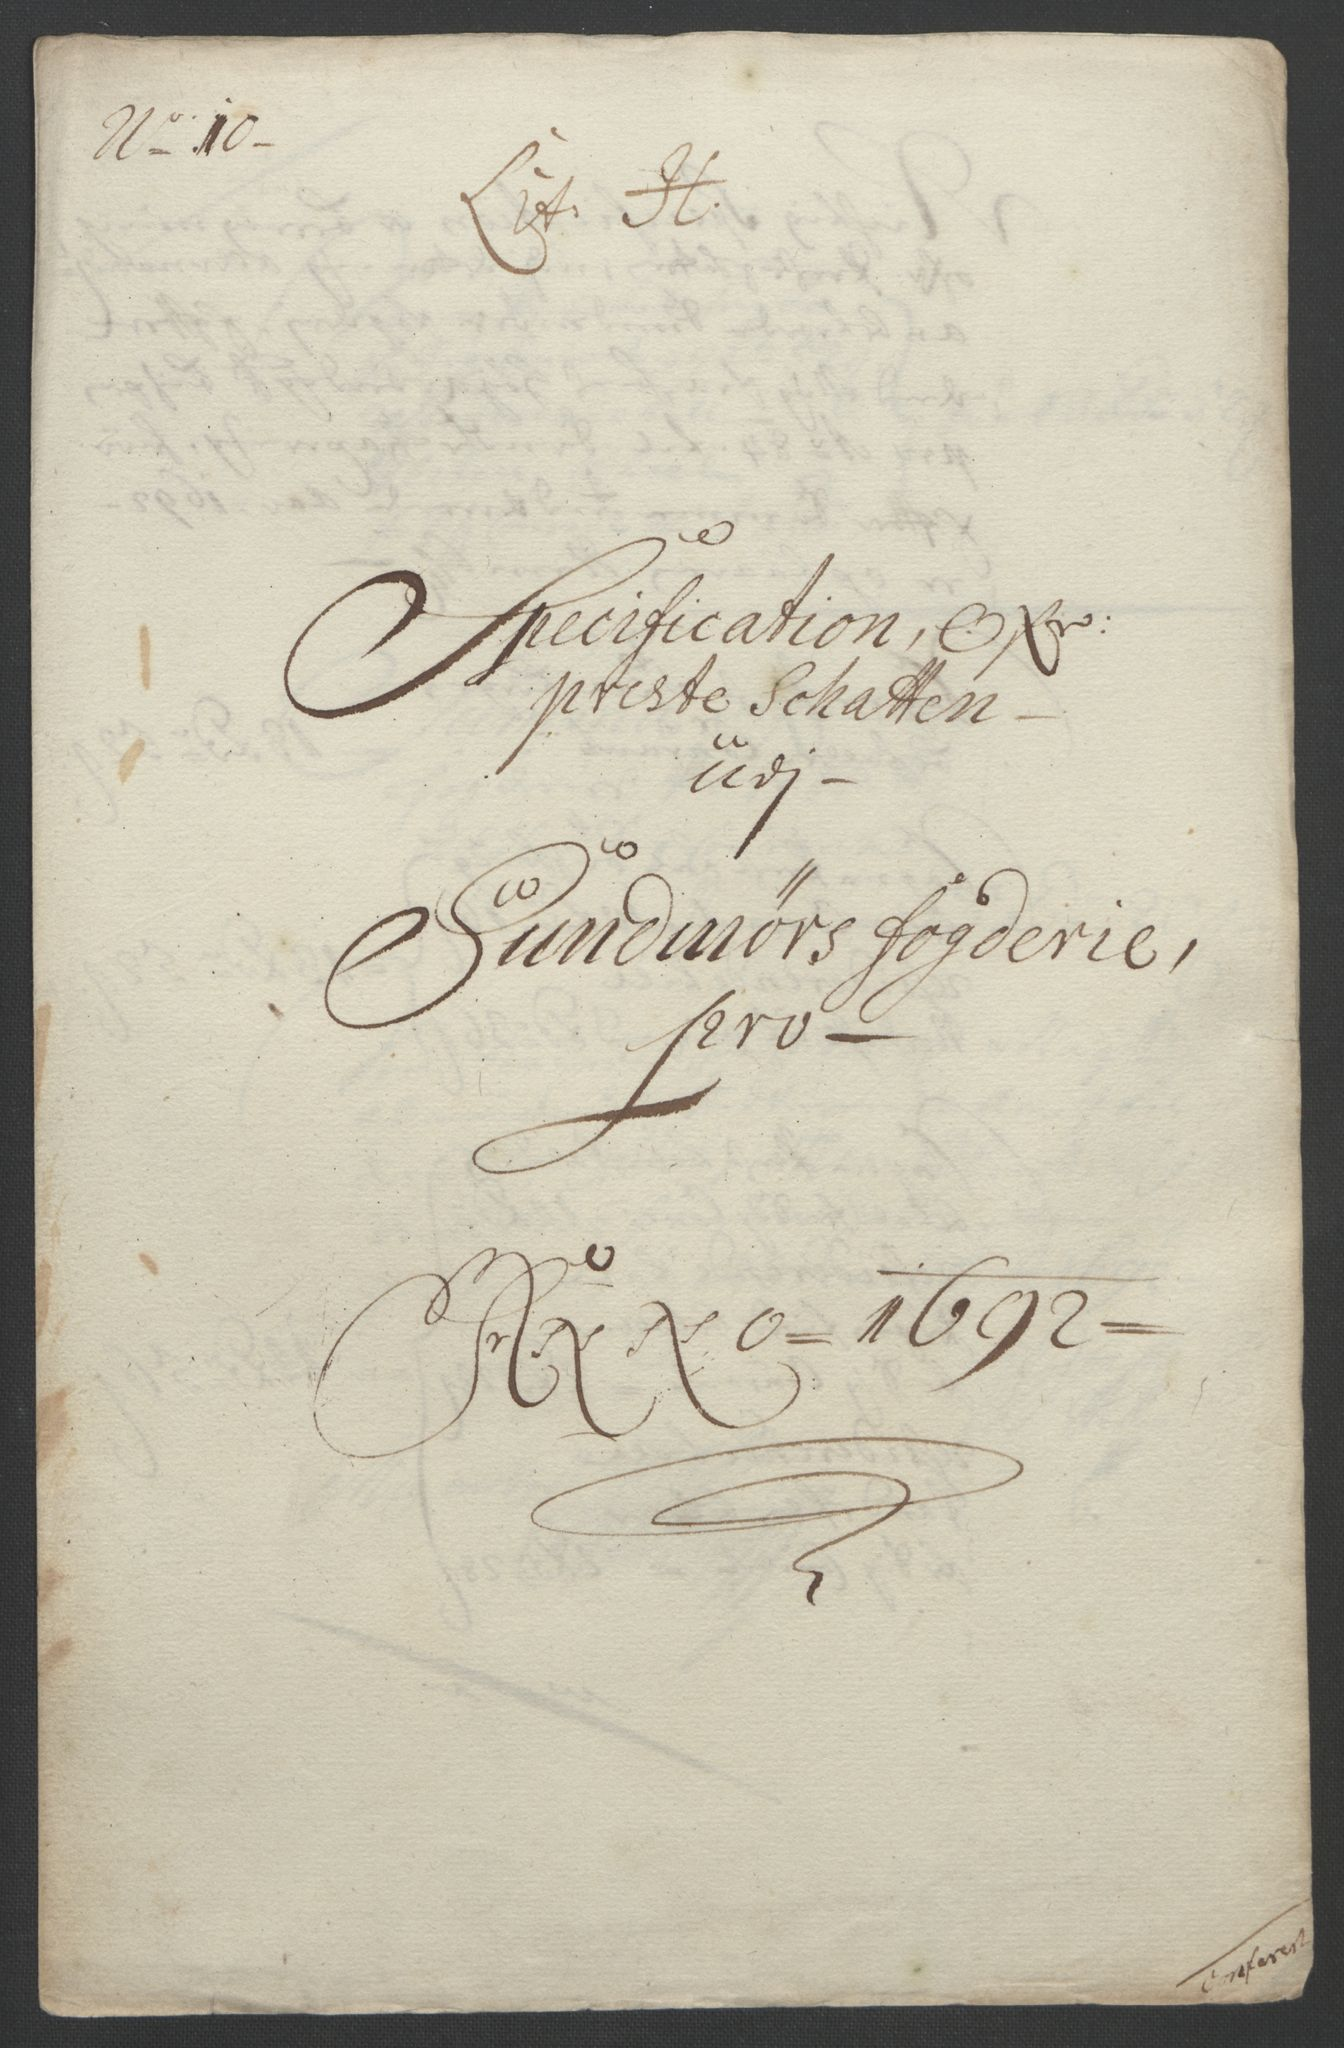 RA, Rentekammeret inntil 1814, Reviderte regnskaper, Fogderegnskap, R54/L3554: Fogderegnskap Sunnmøre, 1691-1693, s. 300